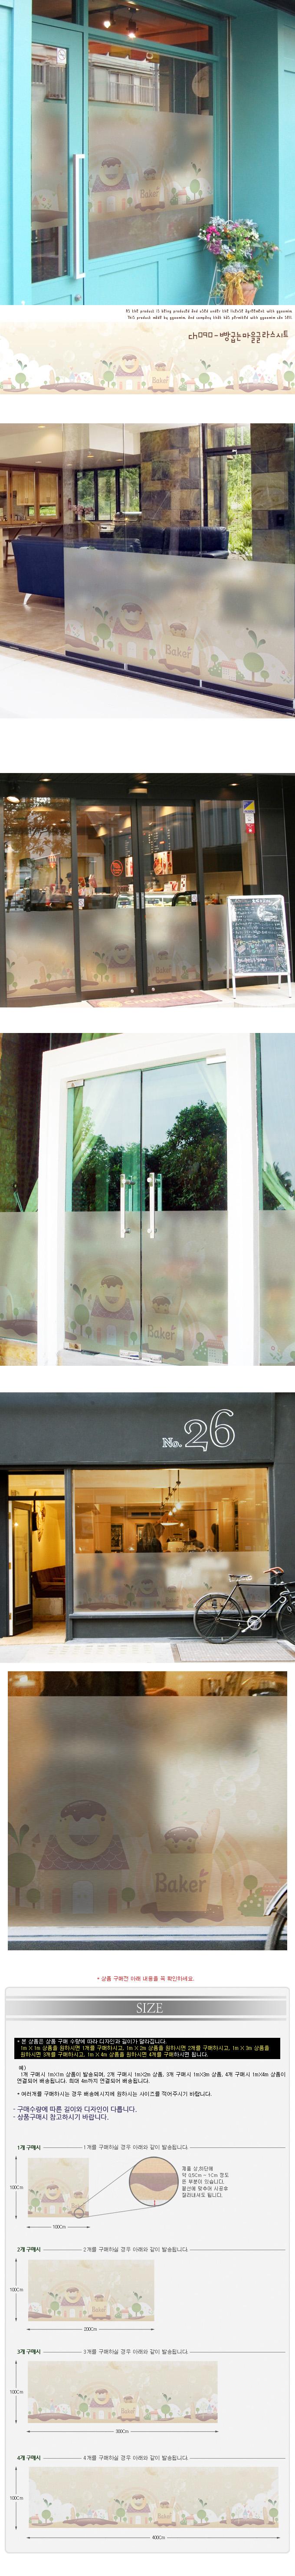 ch090-빵굽는마을글라스시트_글라스시트지 - 꾸밈, 16,000원, 벽지/시트지, 플라워 시트